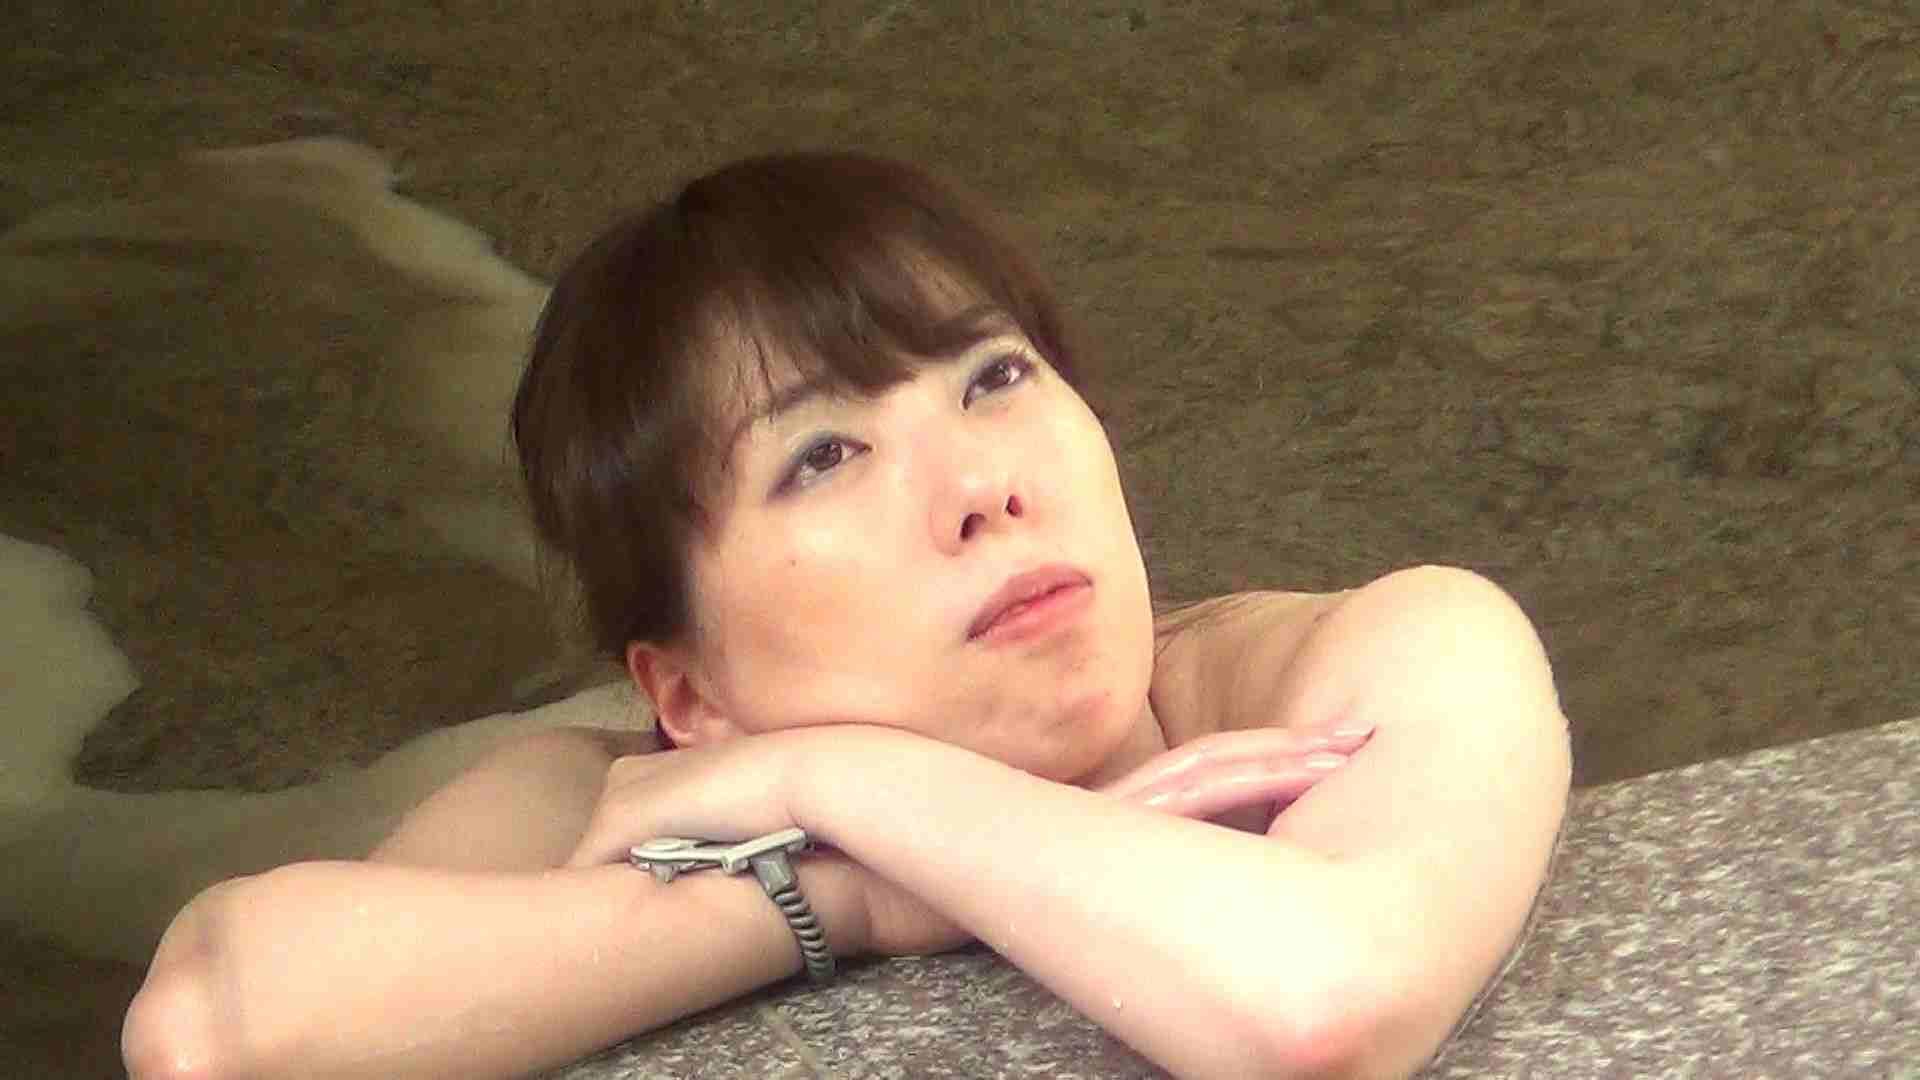 ハイビジョンVol.15 仲良しOL三人組のサービスショット 美肌 オメコ動画キャプチャ 50画像 23